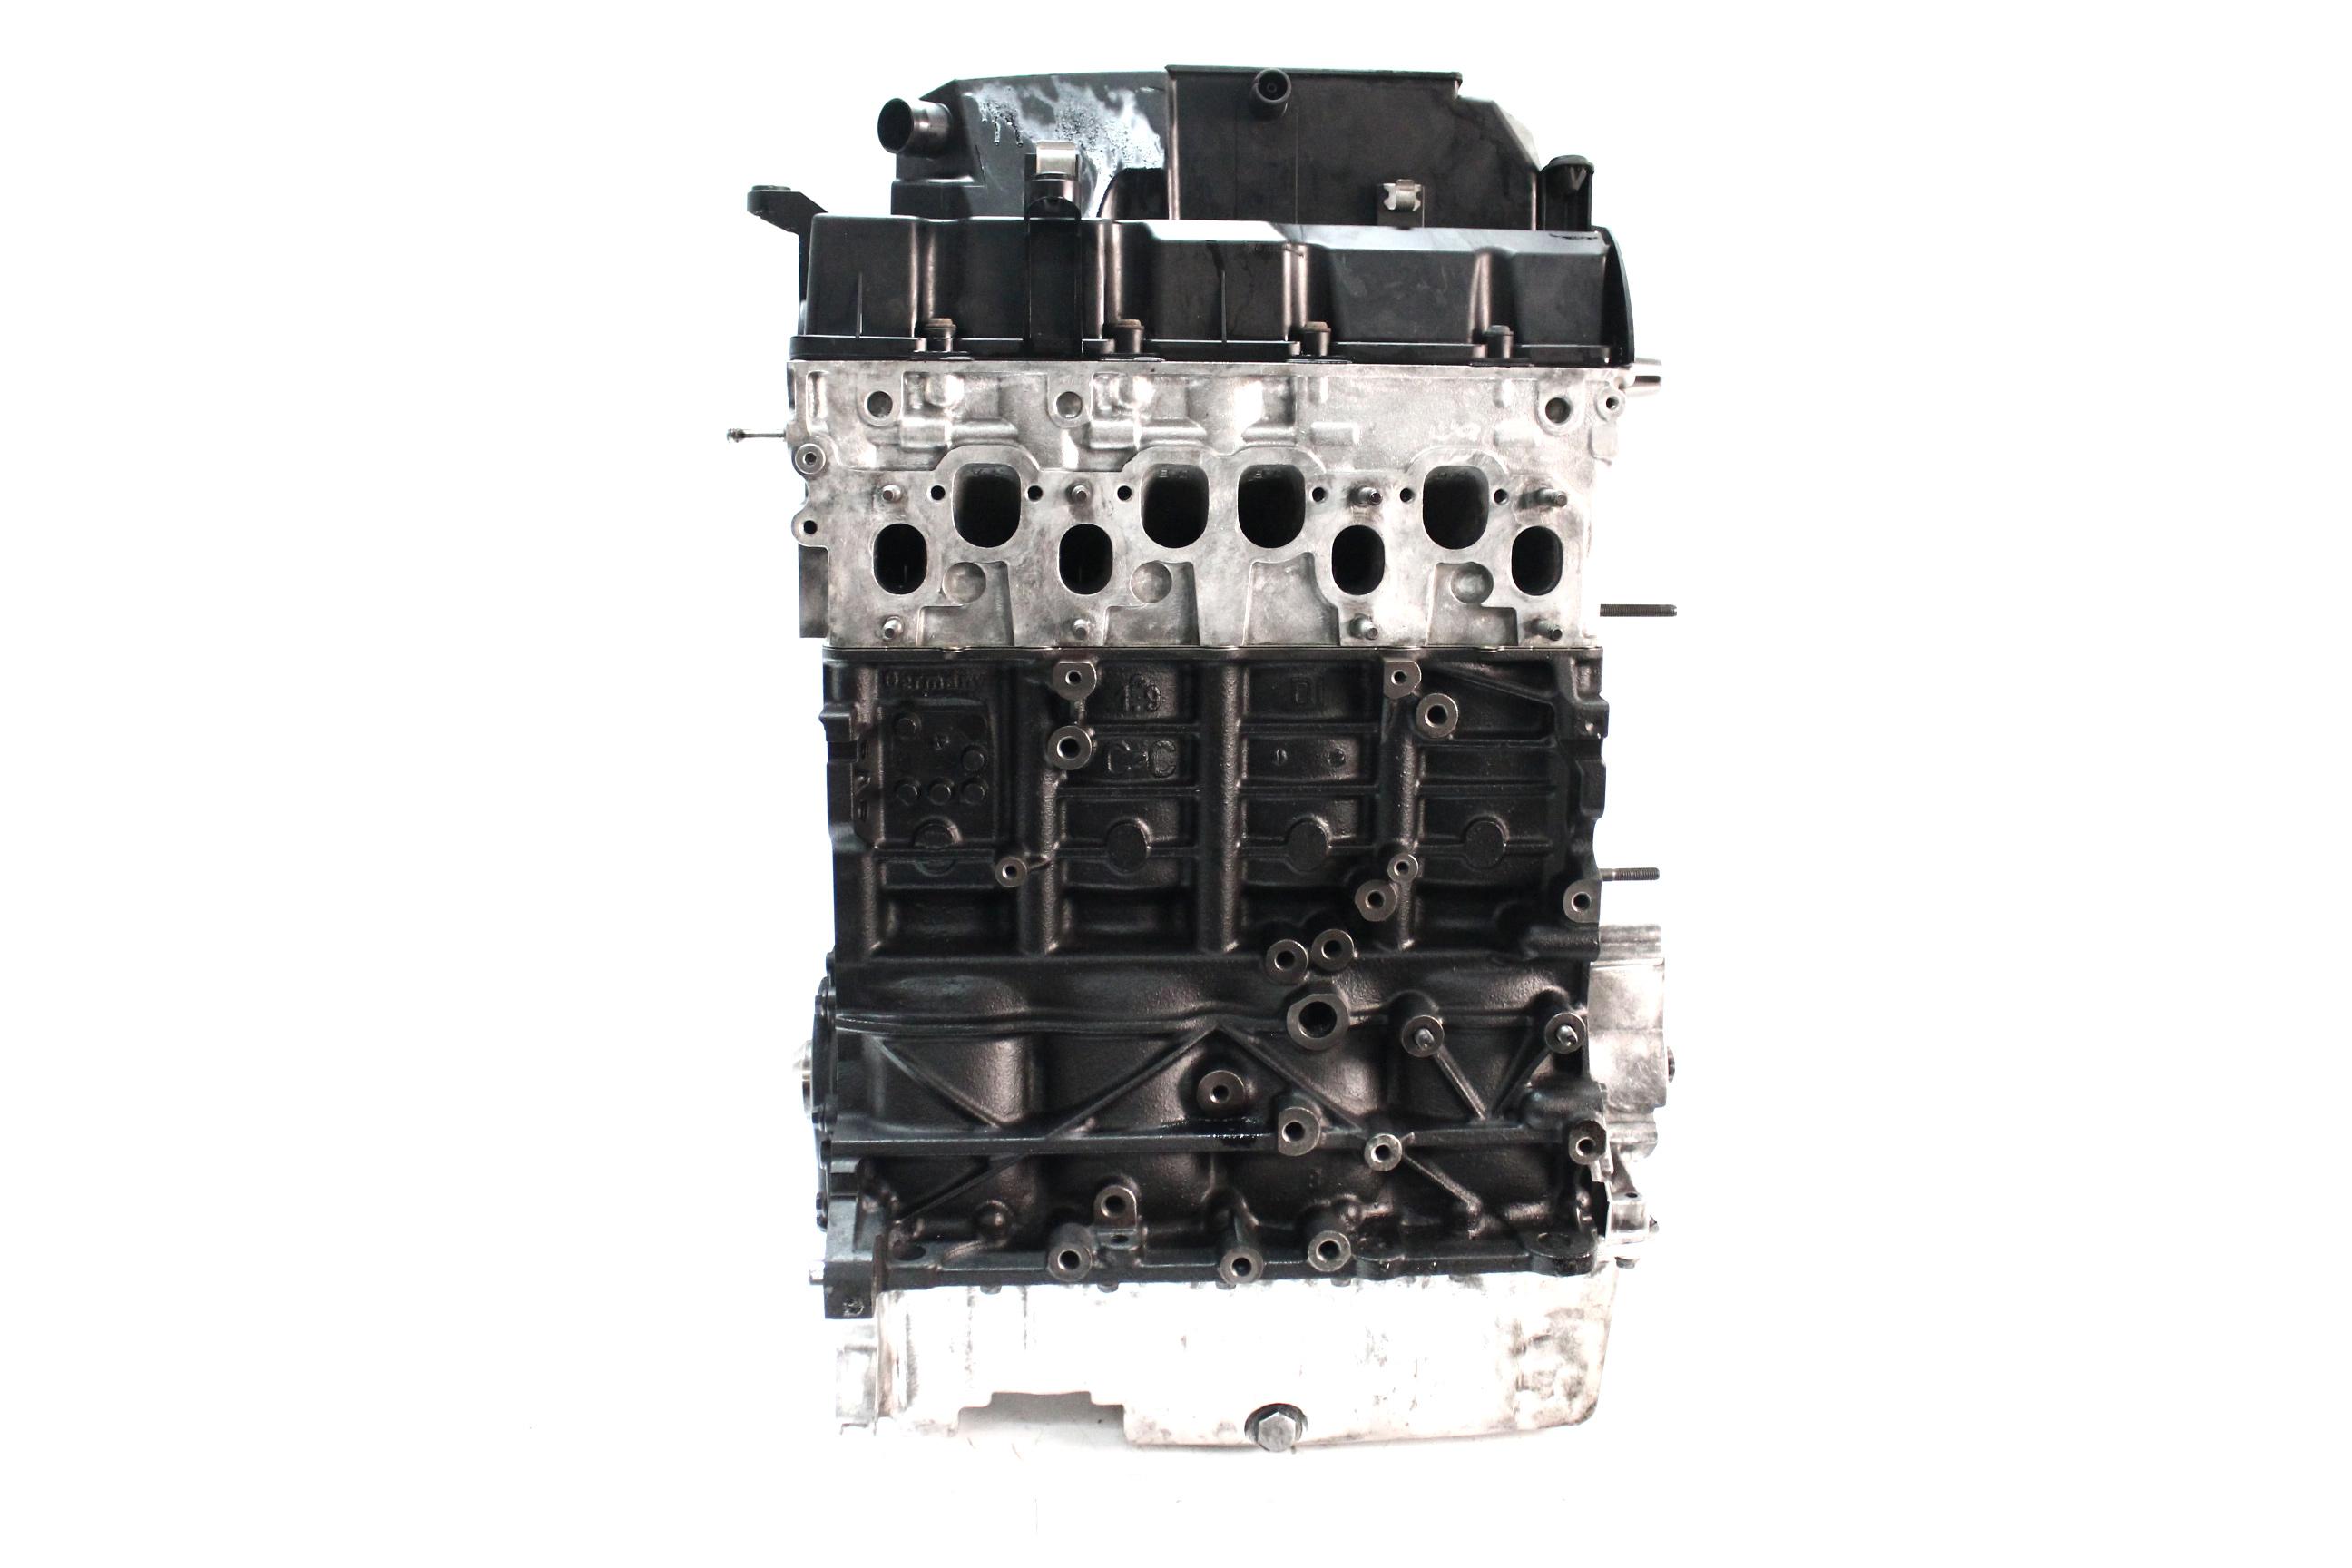 Motor Audi Seat Skoda VW A3 Leon Octavia Caddy Jetta 1,9 TDI Diesel BLS